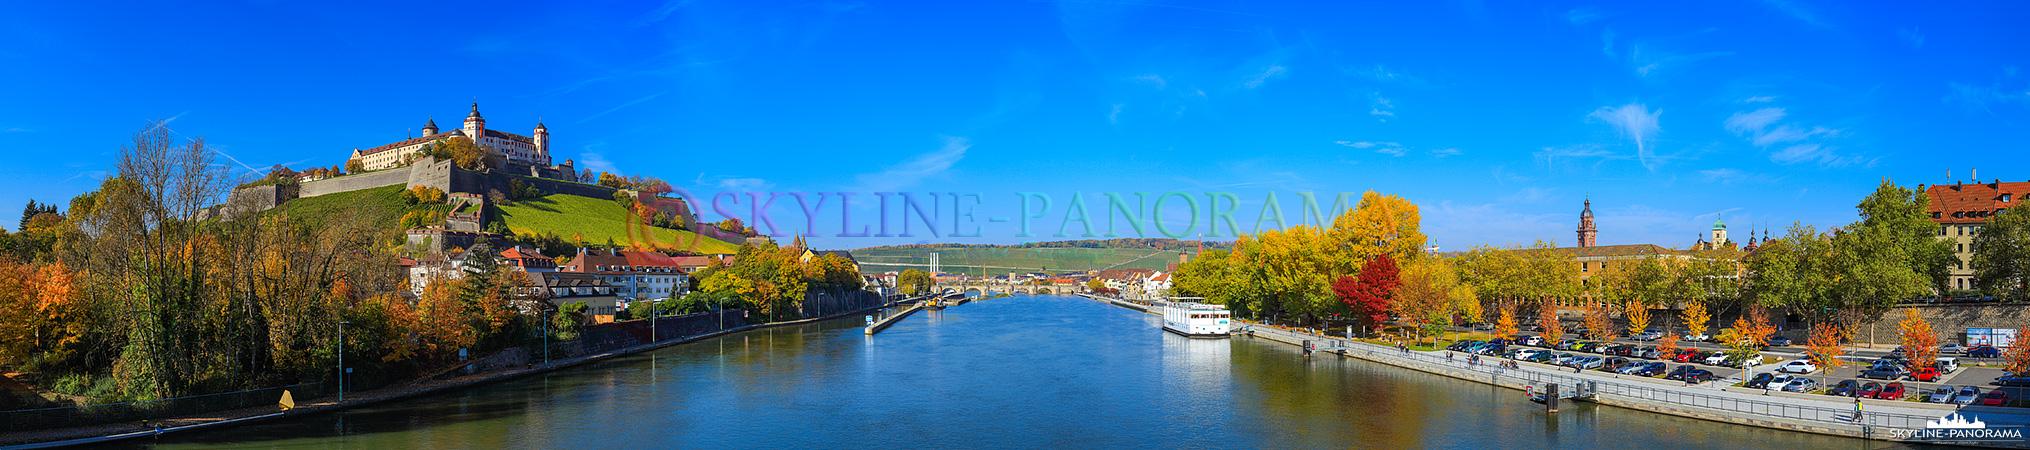 Festung Marienberg - Panorama Ansicht von der Ludwigbrücke auf die Festung Marienberg und das herbstliche Mainufer von Würzburg.